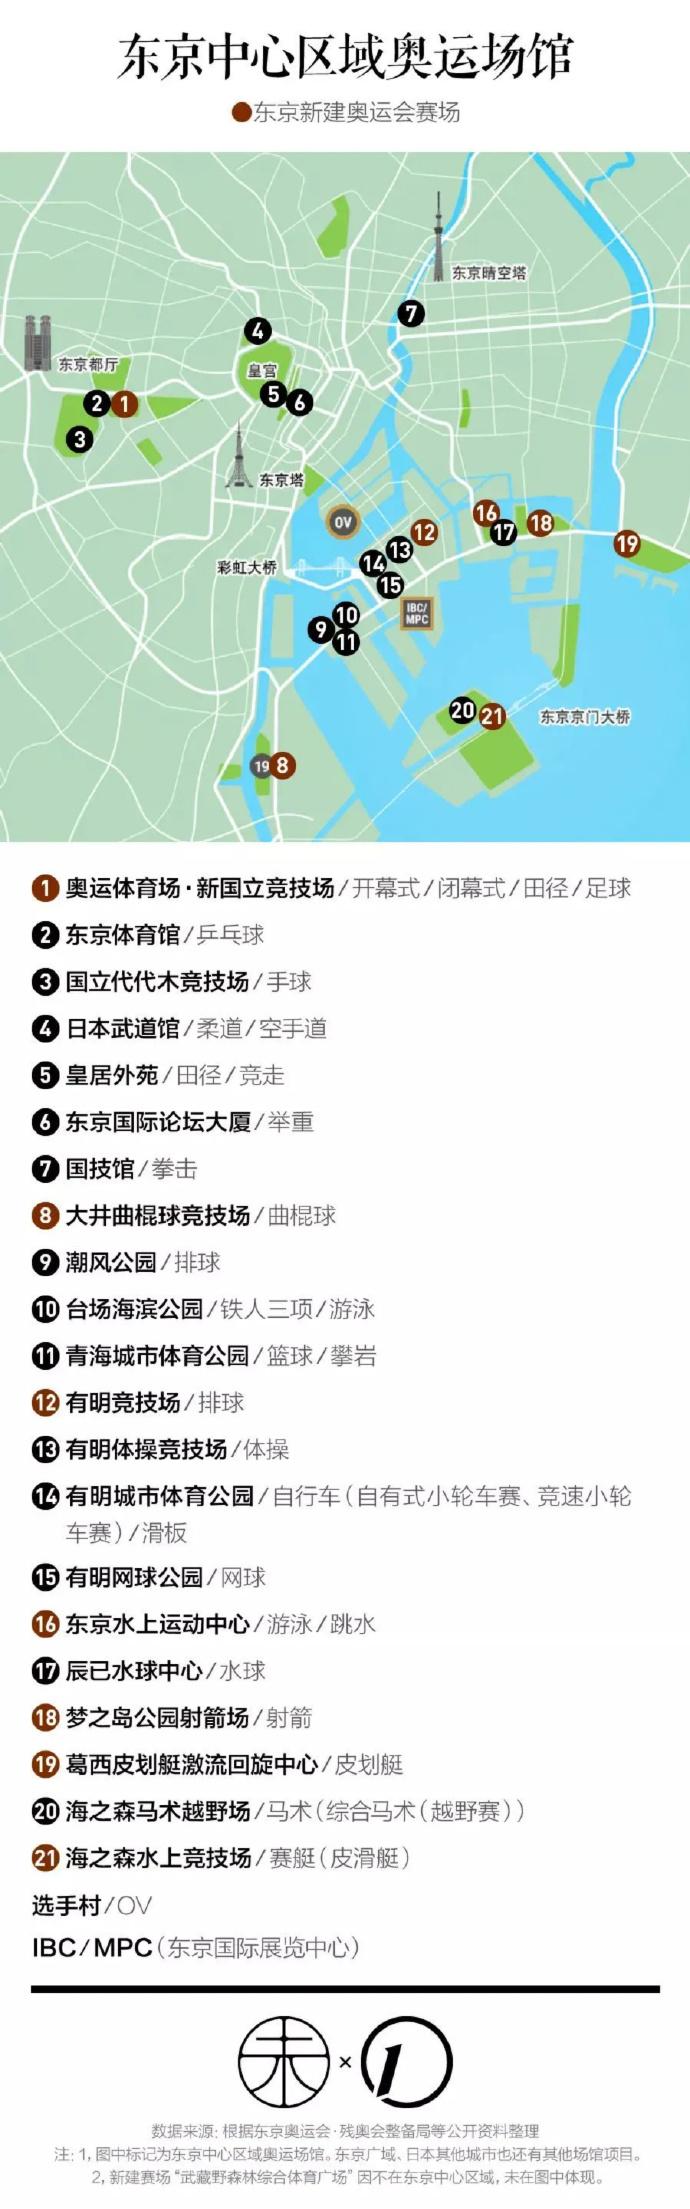 迷雾中的东京奥运会:这些是已经确定的信息 被嫌弃的东京奥运